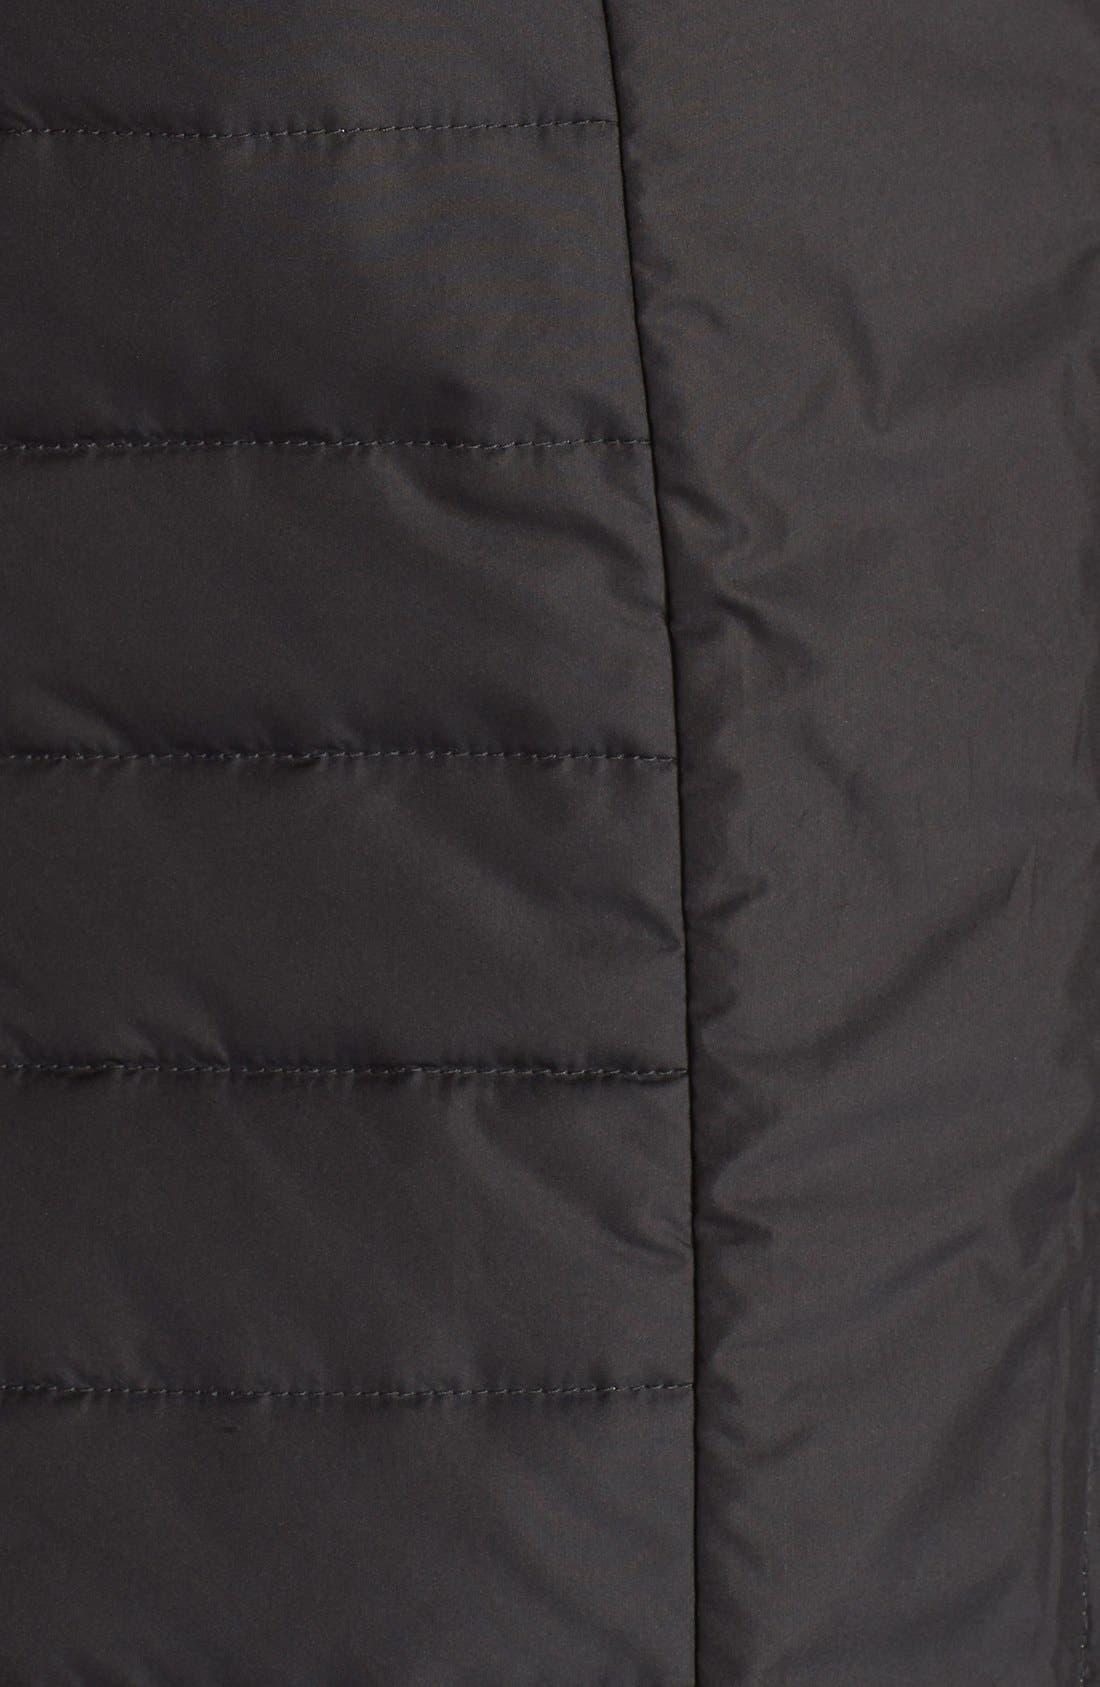 HellyHansen 'Astra' Jacket,                             Alternate thumbnail 3, color,                             Black